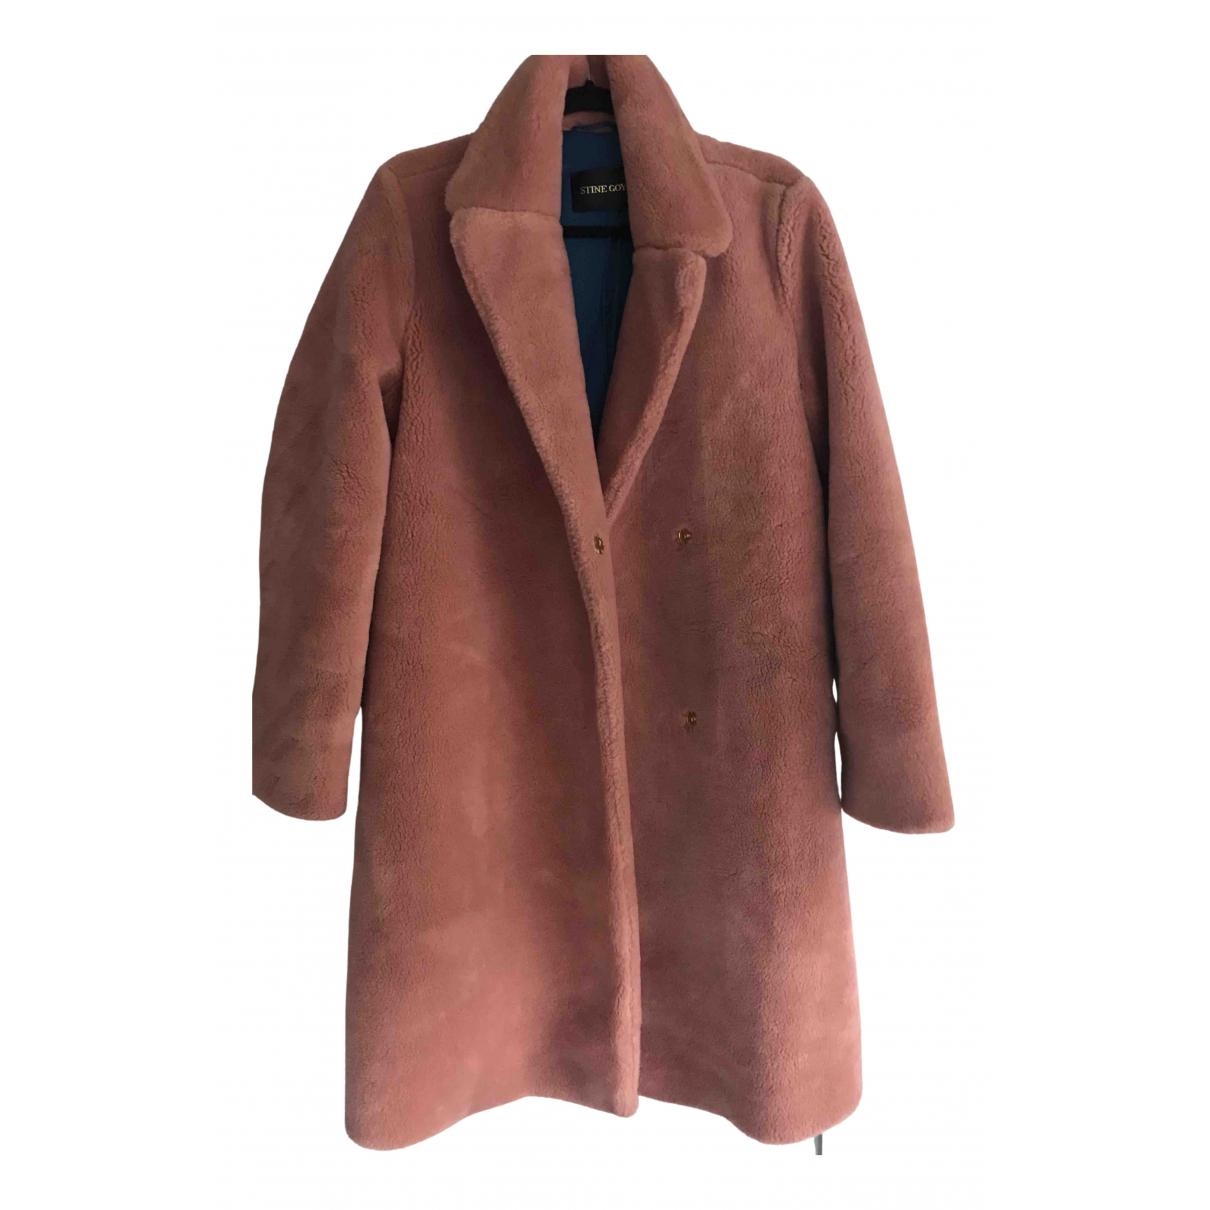 Stine Goya - Manteau   pour femme en fourrure synthetique - rose